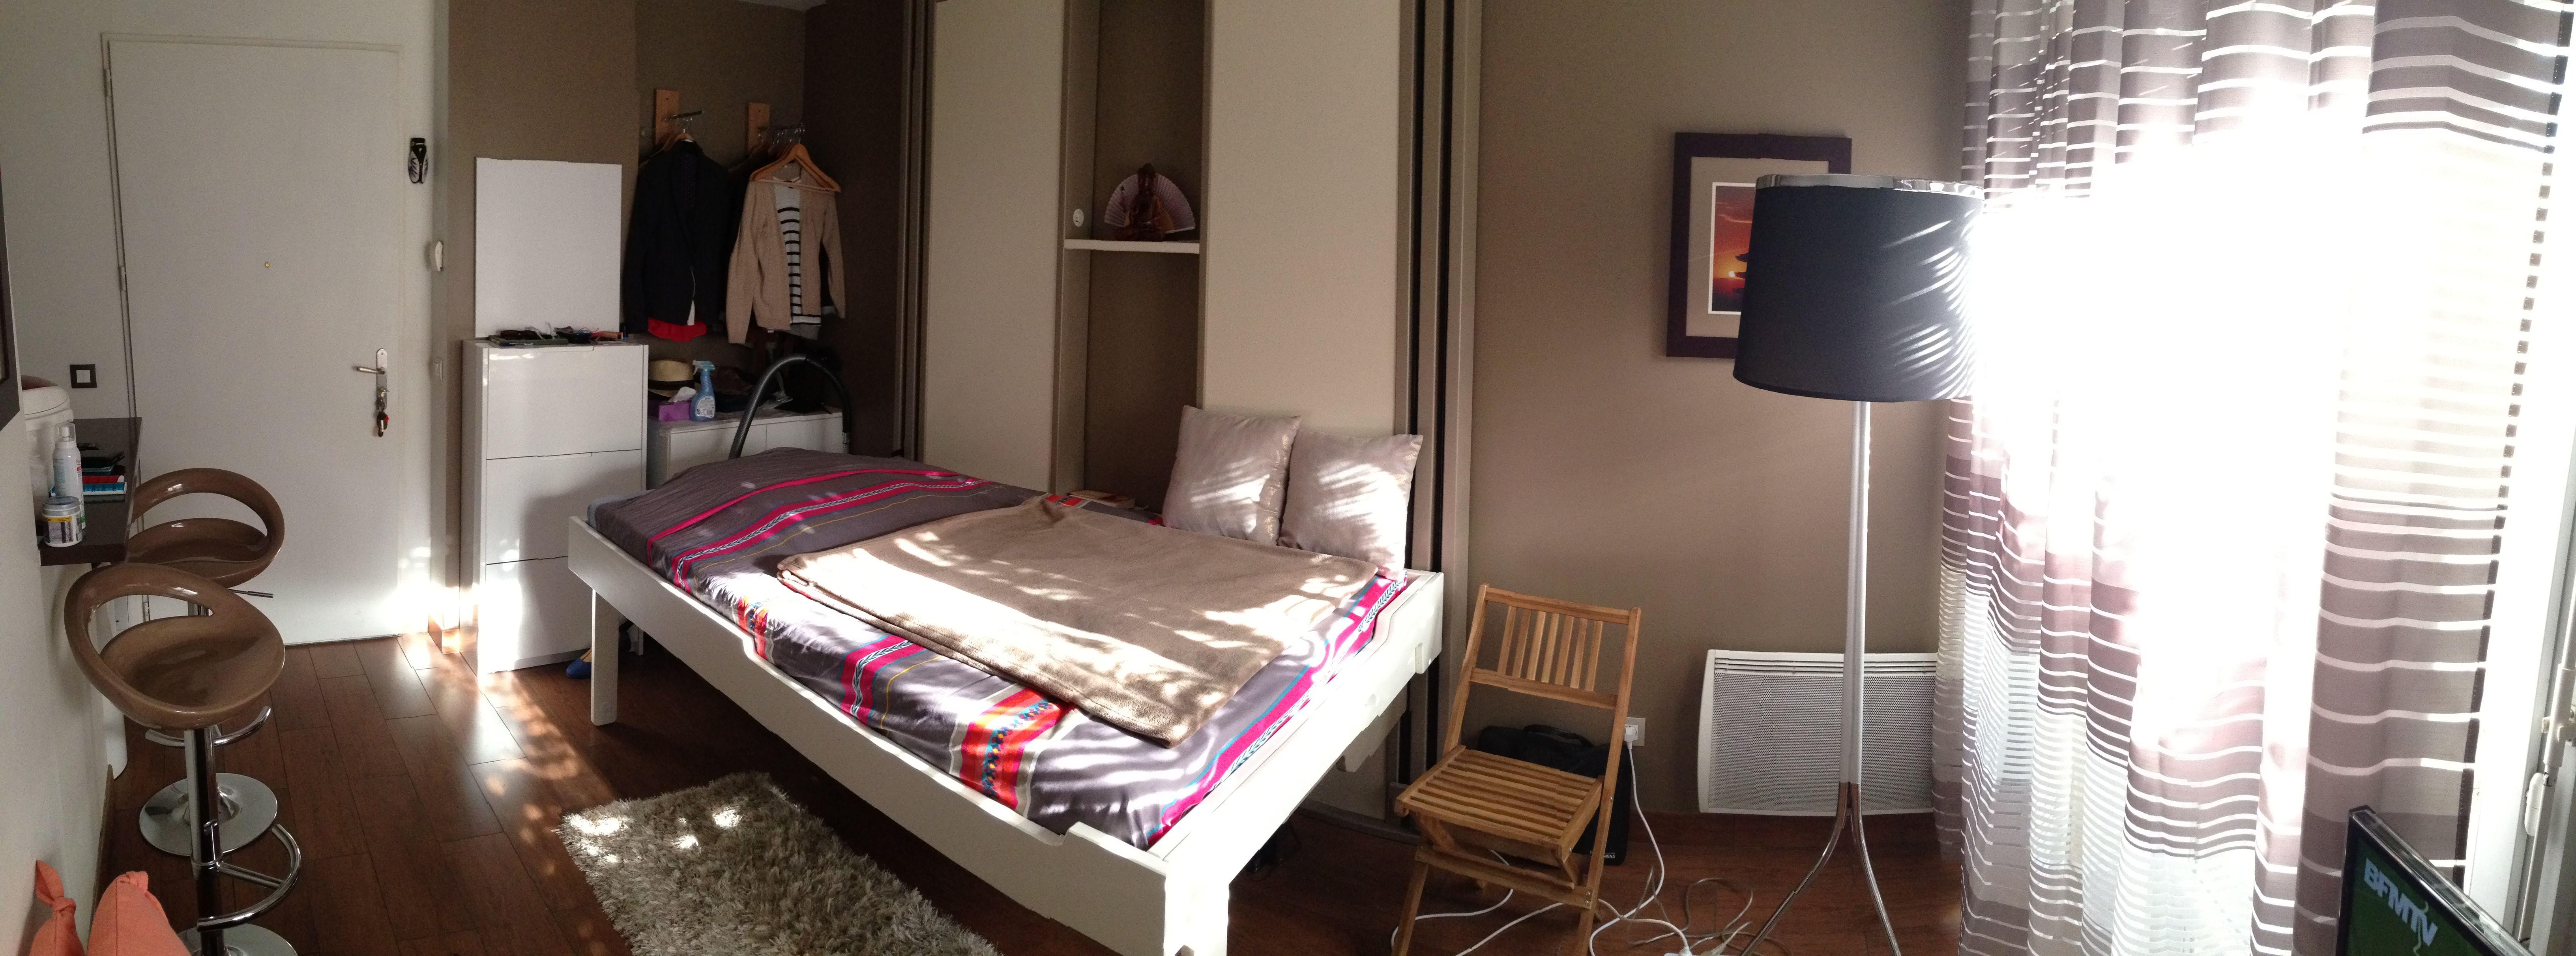 t moignage de christelle sur son tryptique espace loggia l 39 installation me convient tr s bien. Black Bedroom Furniture Sets. Home Design Ideas